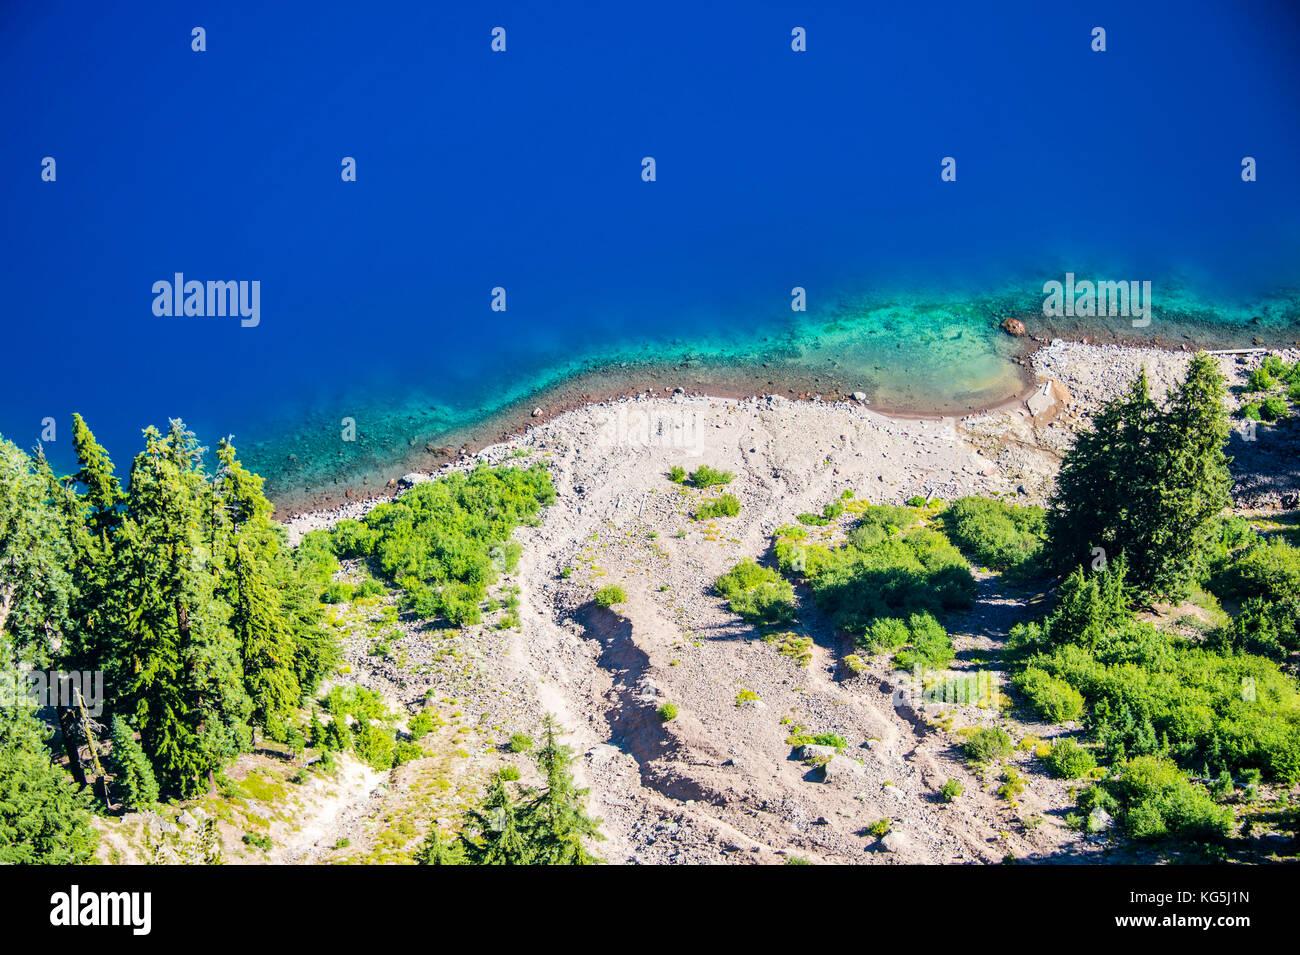 Agua azul oscuro en la gran caldera del parque nacional de Crater Lake, Oregón, EE.UU. Imagen De Stock